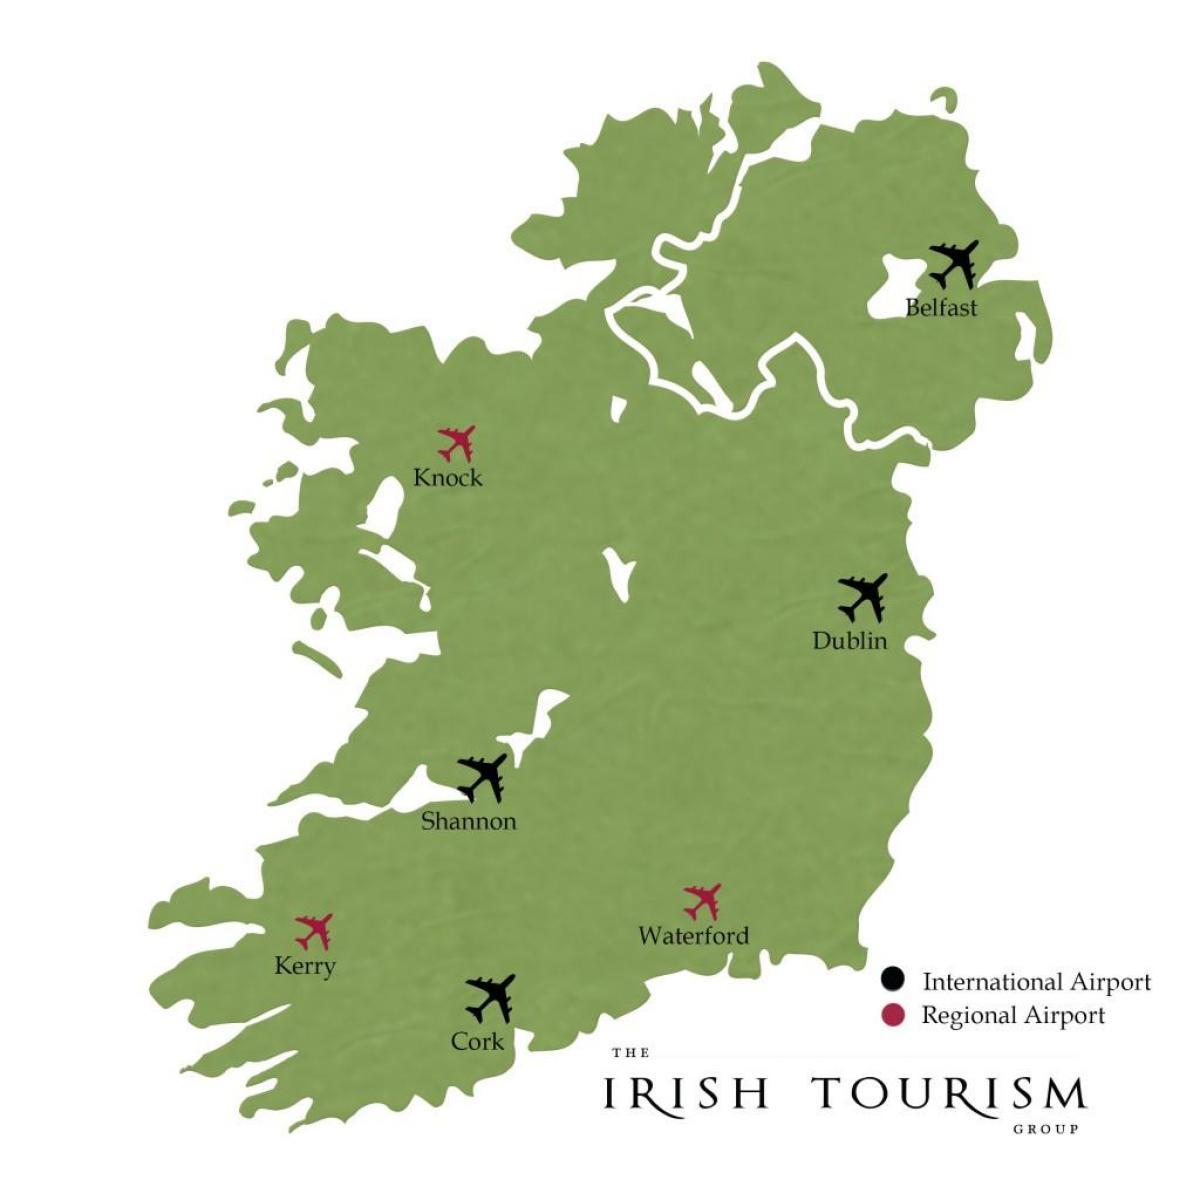 aeropuertos-en-irlanda-mapa